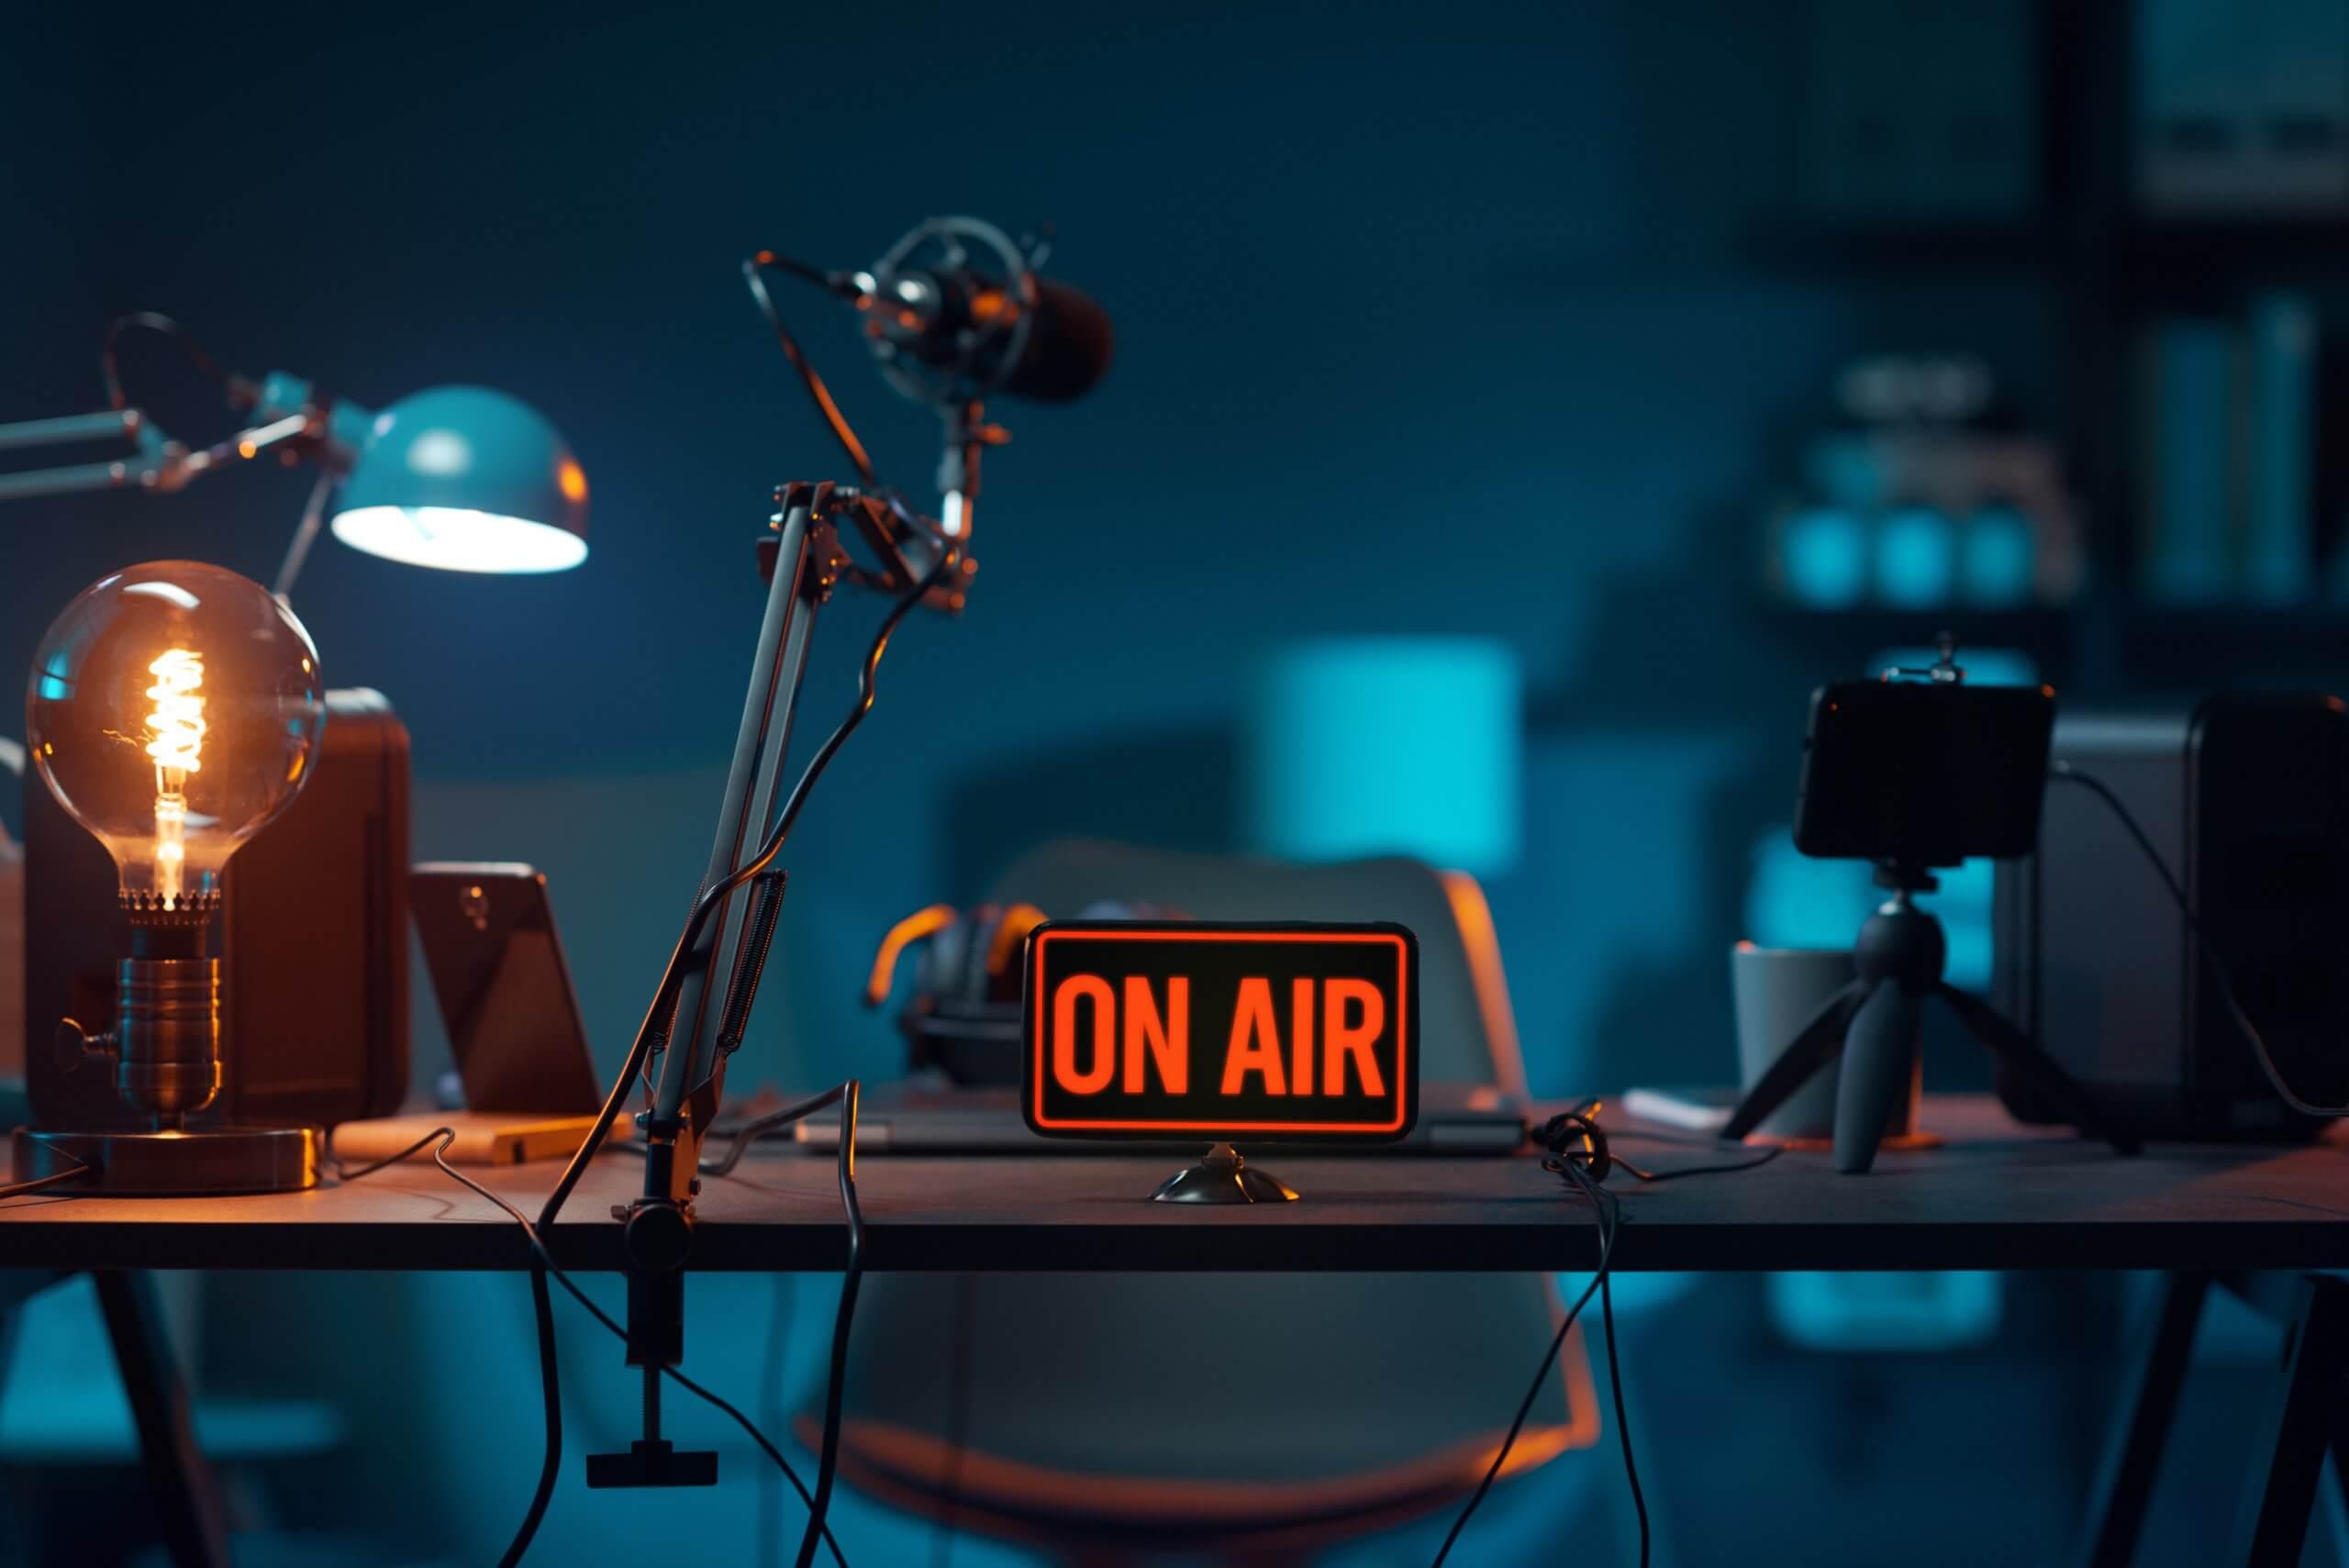 Ide Konten Podcast yang Diminati oleh Banyak Pendengar